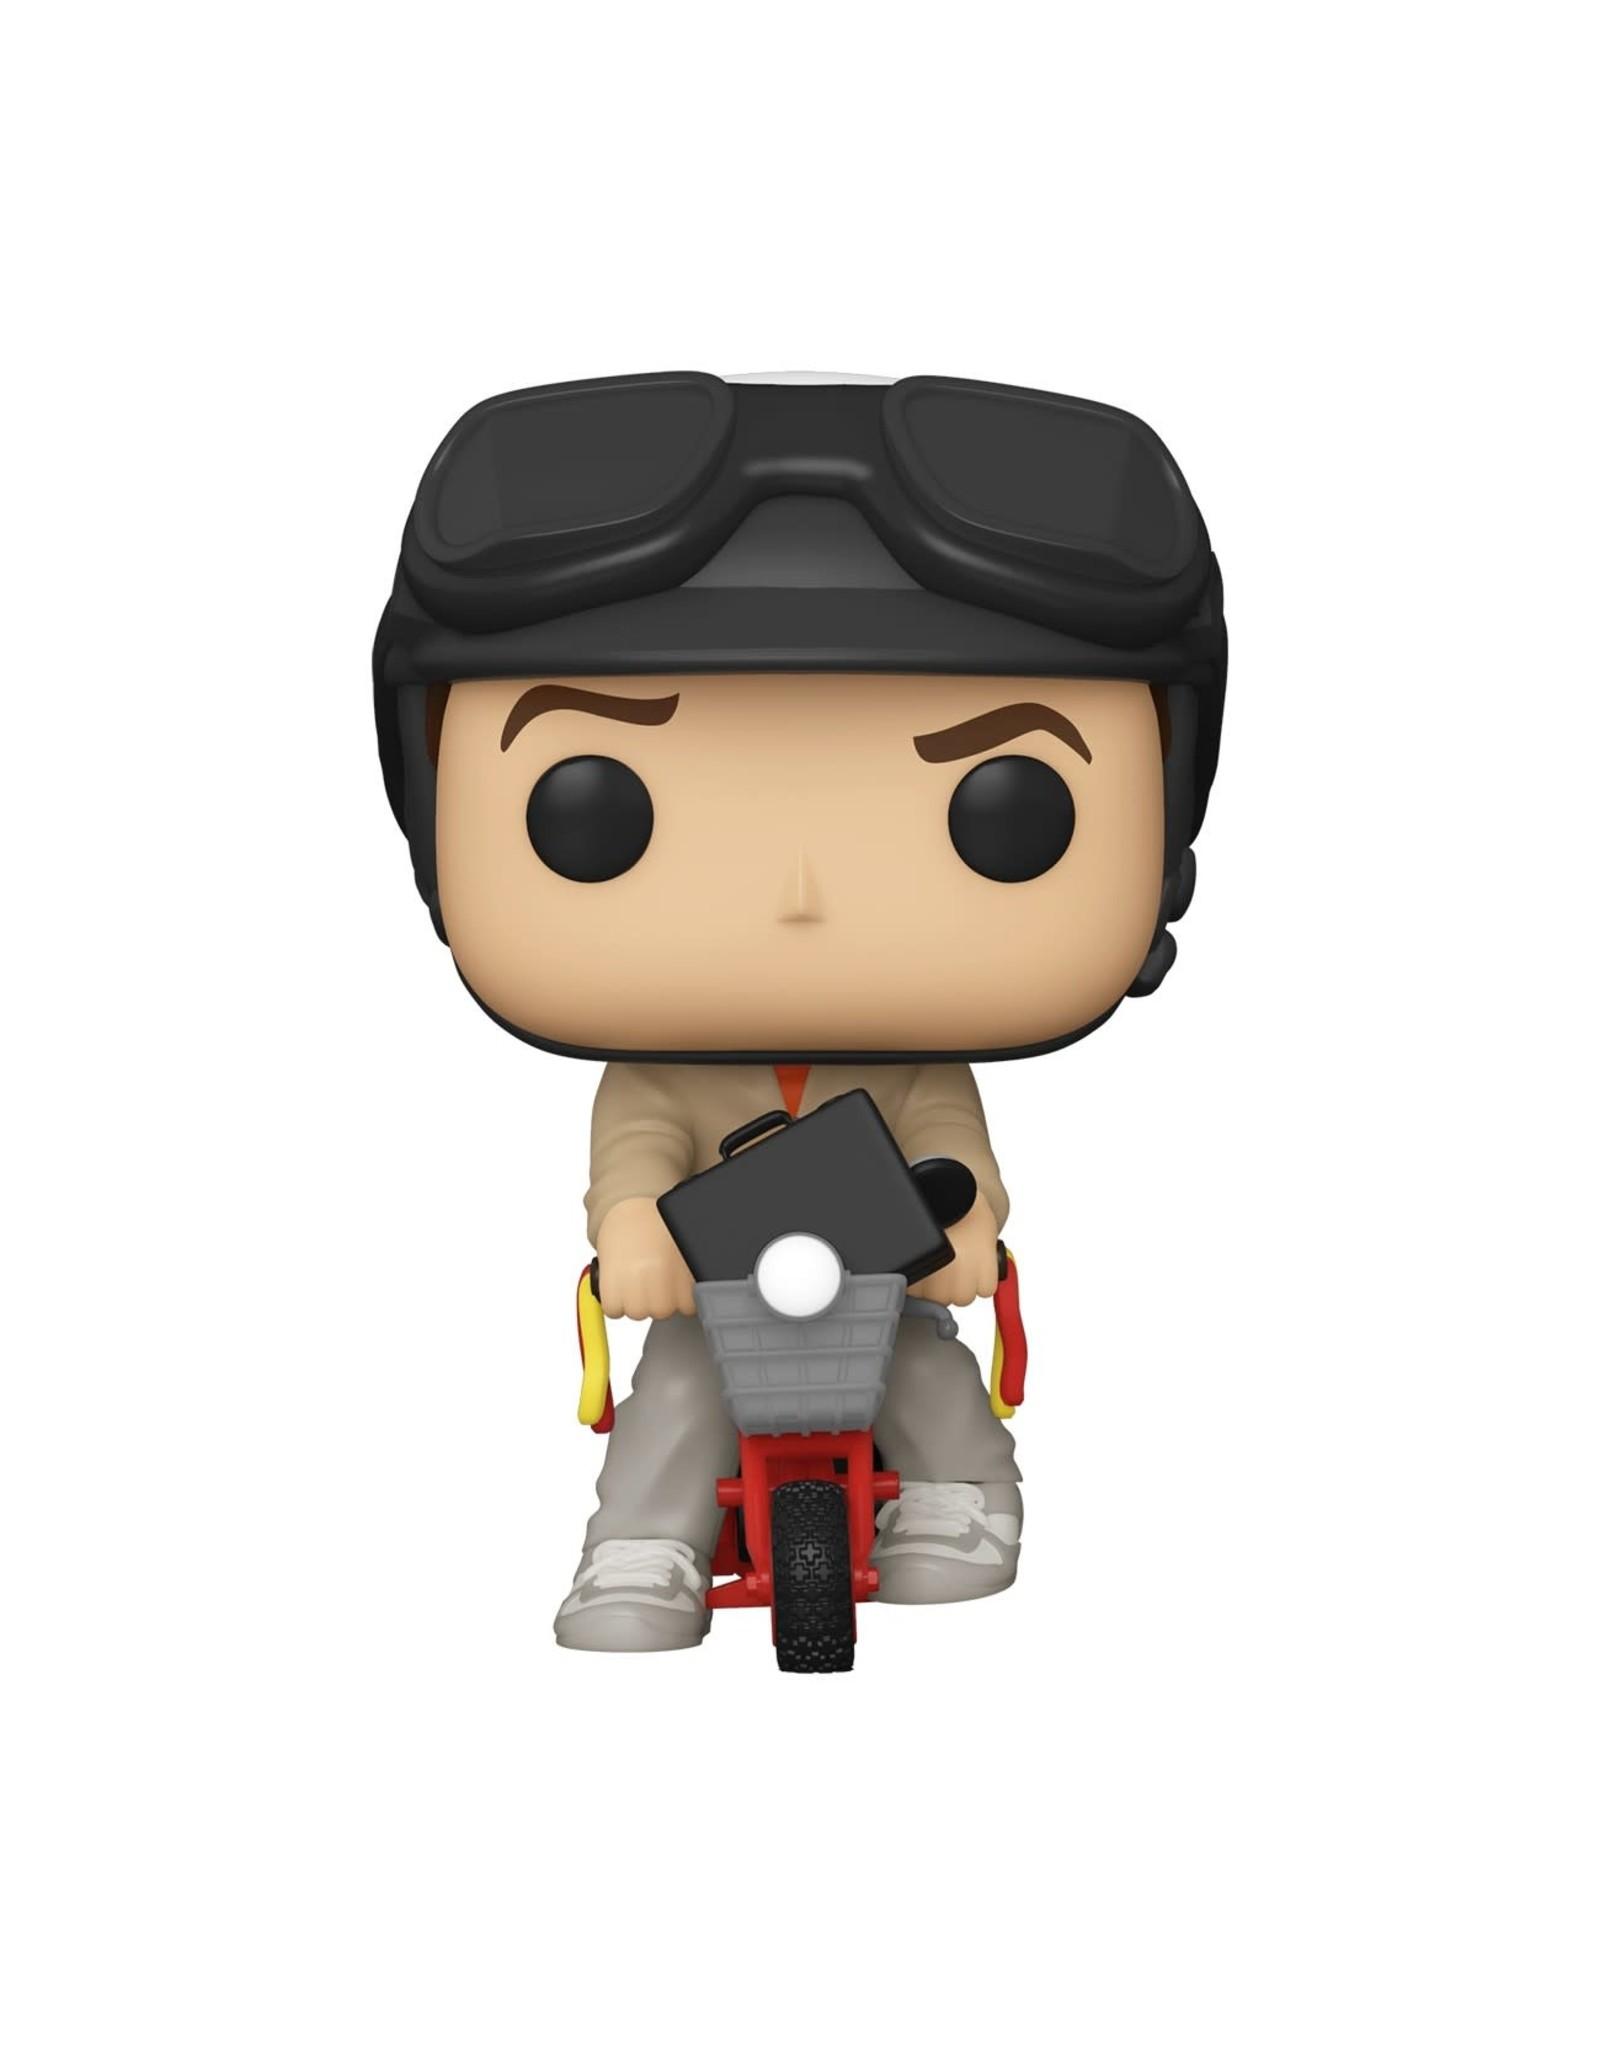 Funko Pop! Funko Pop! Rides nr095 - Lloyd on Bicycle